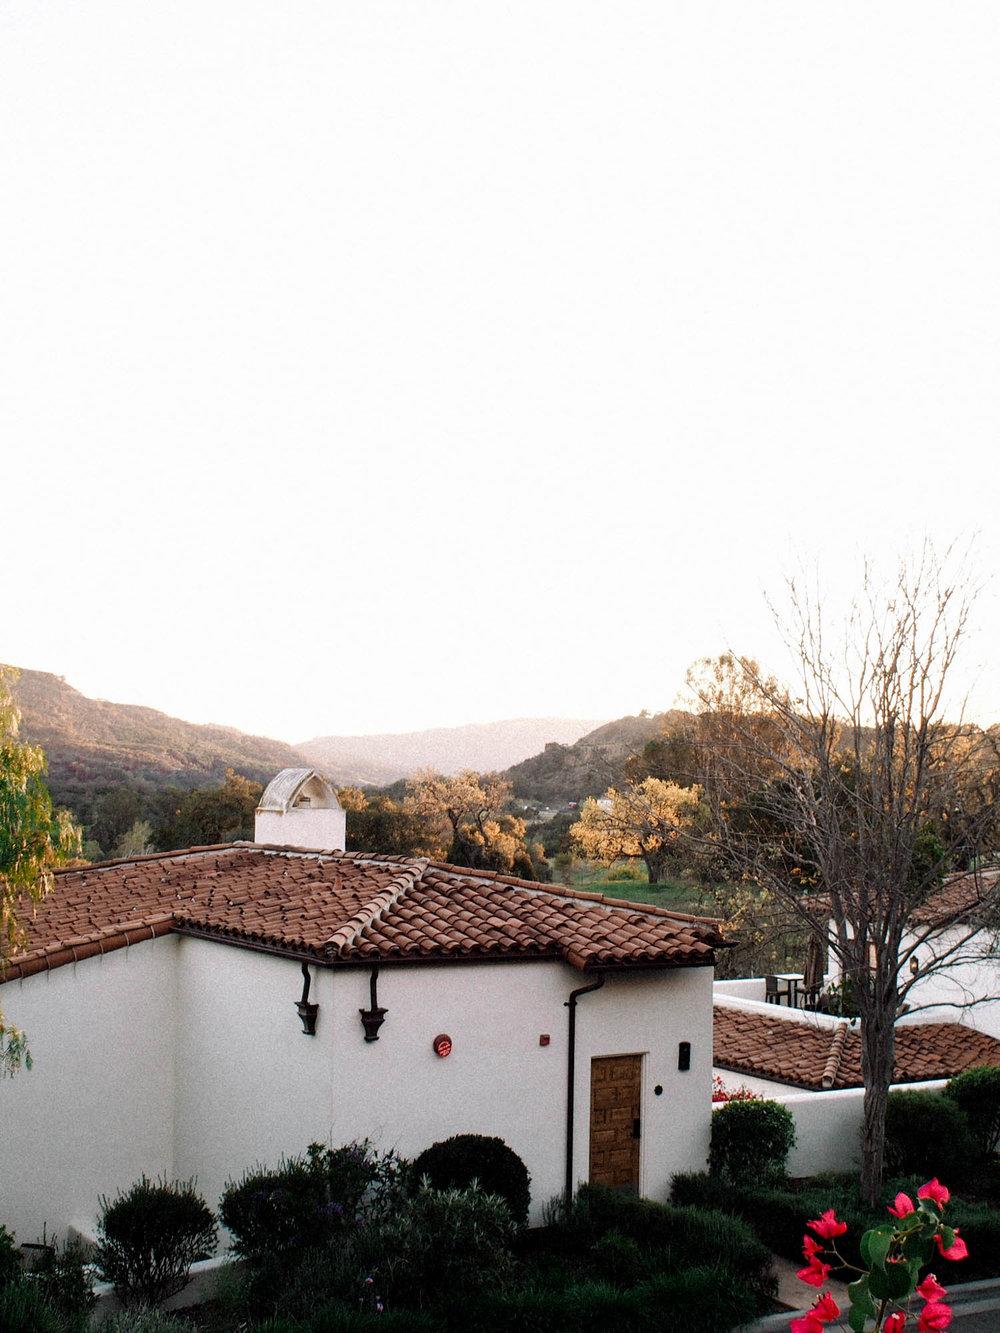 Ojai Valley Inn views | A Fabulous Fete